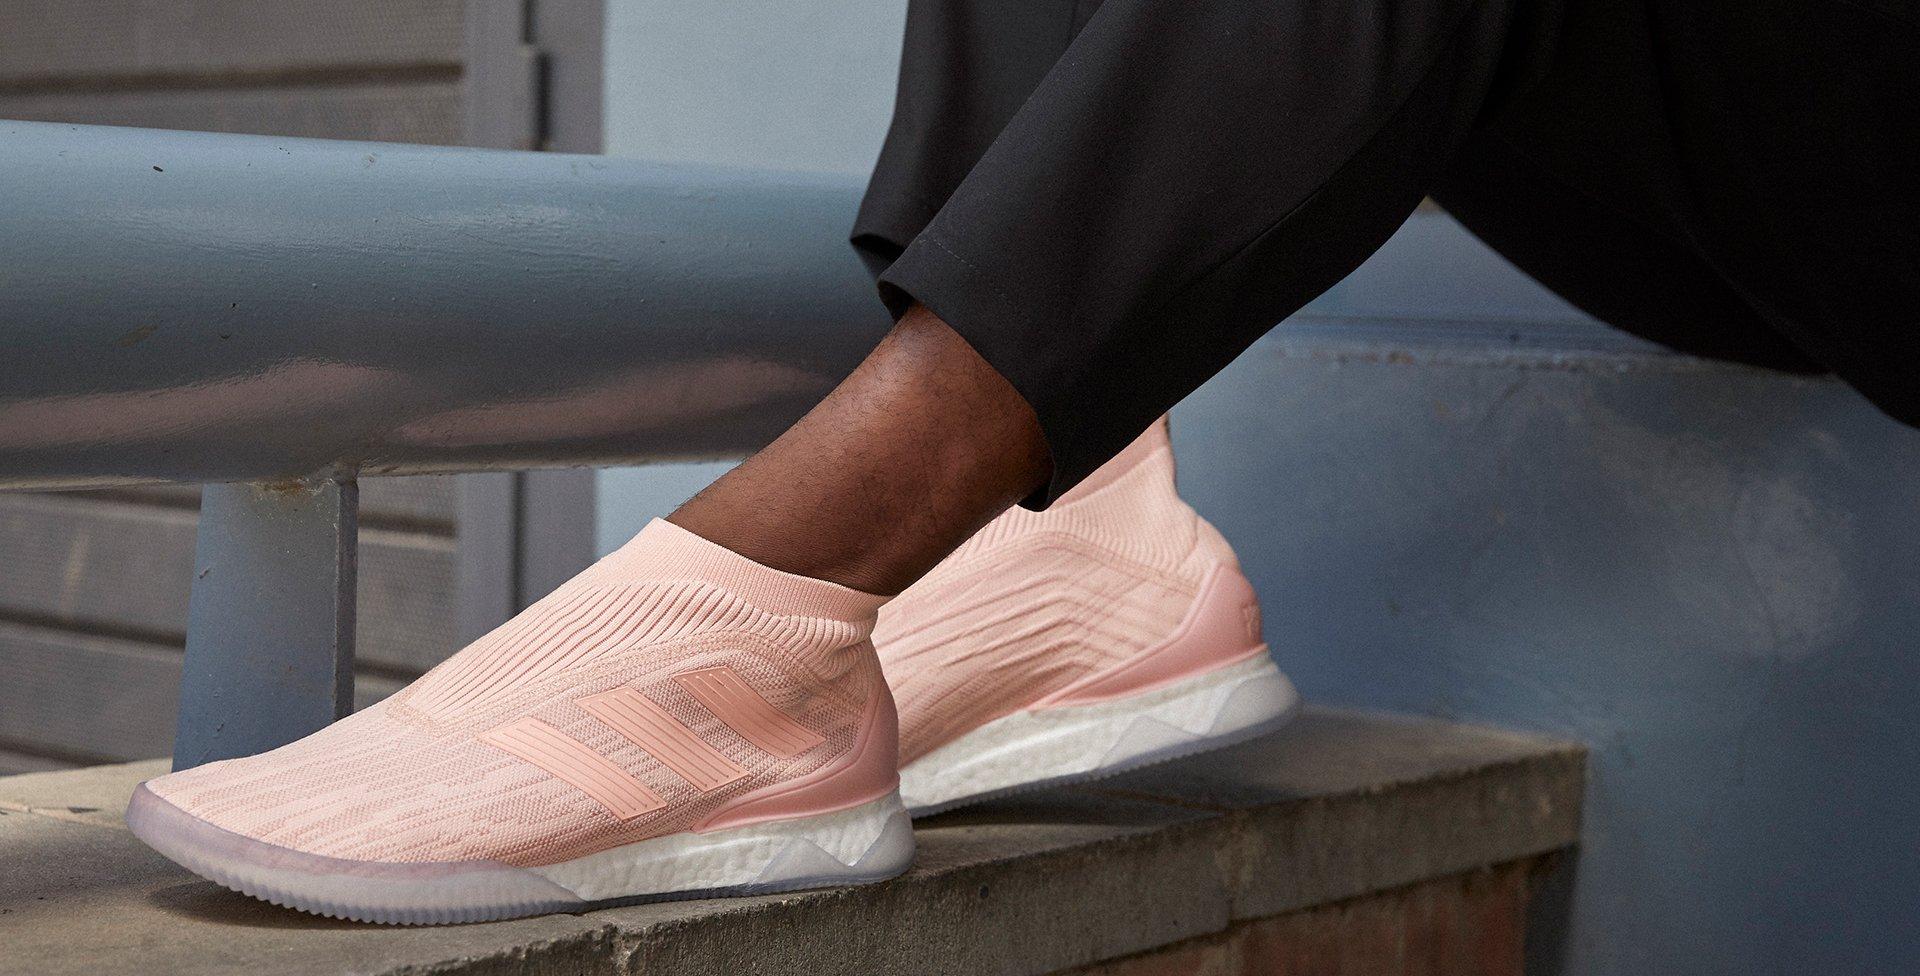 Nouvelles adidas Predator Tango 18+ | Sneakers en édition